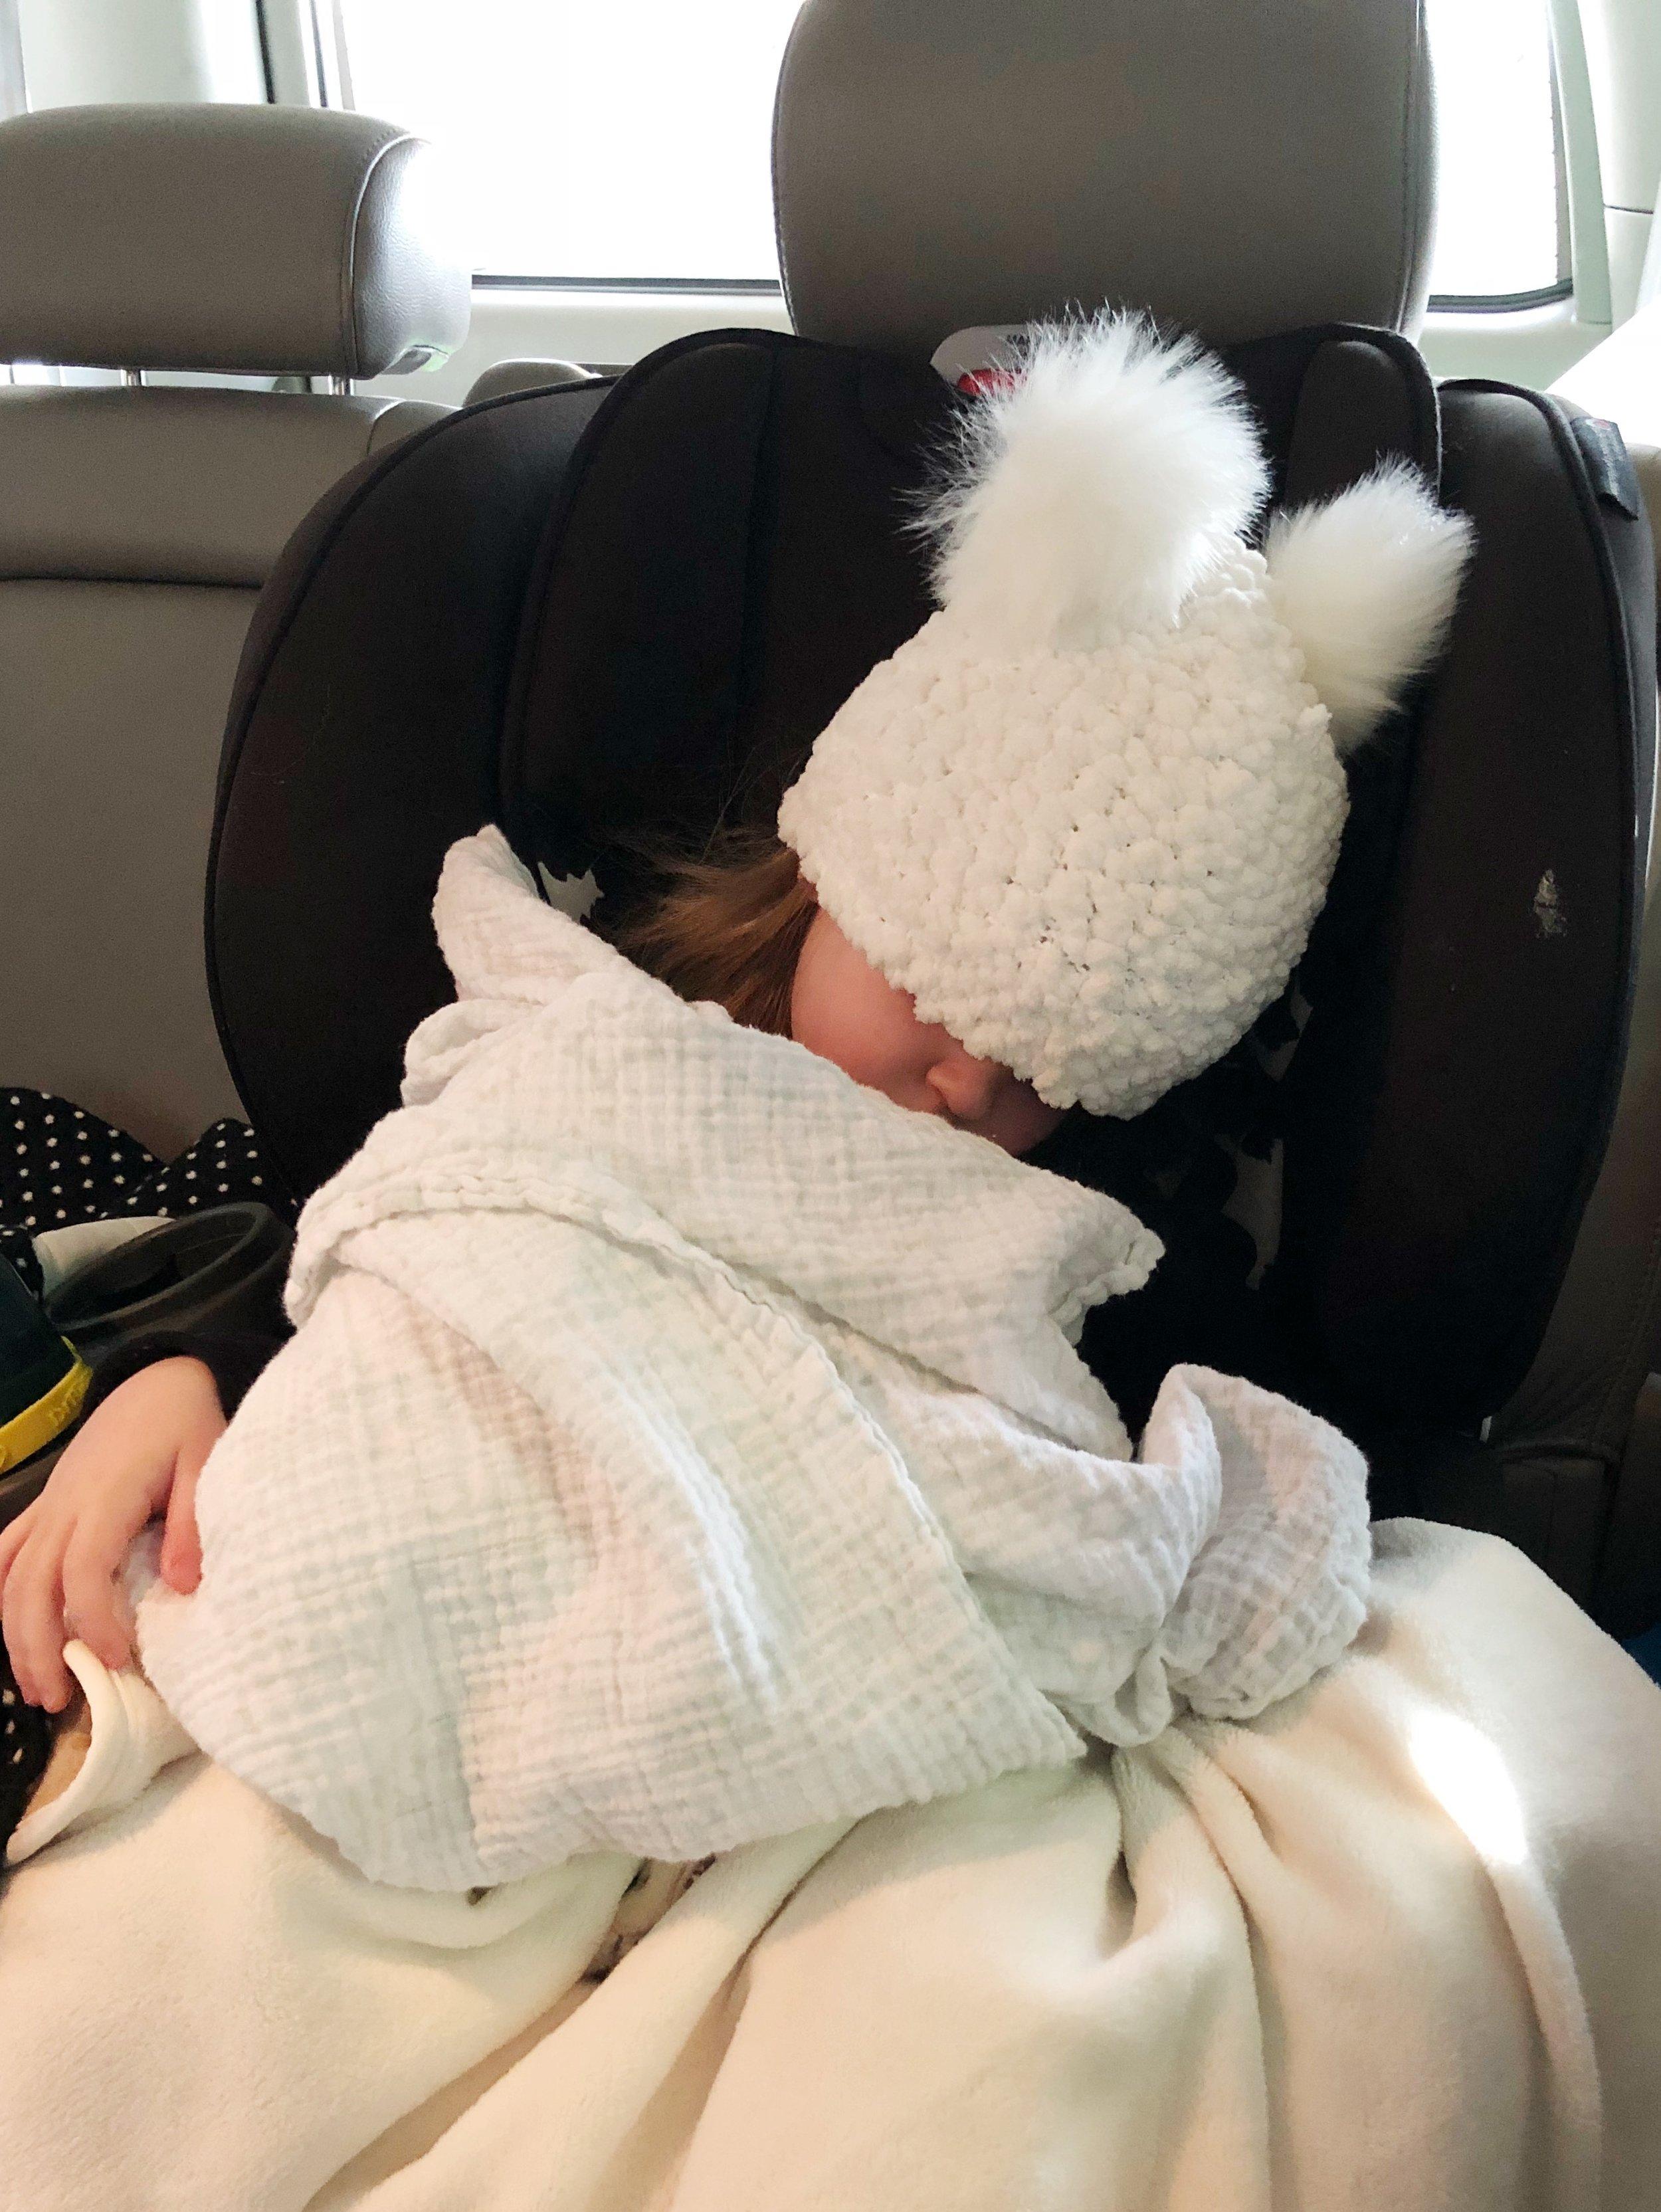 sleeping-toddler-in-britax-marathon